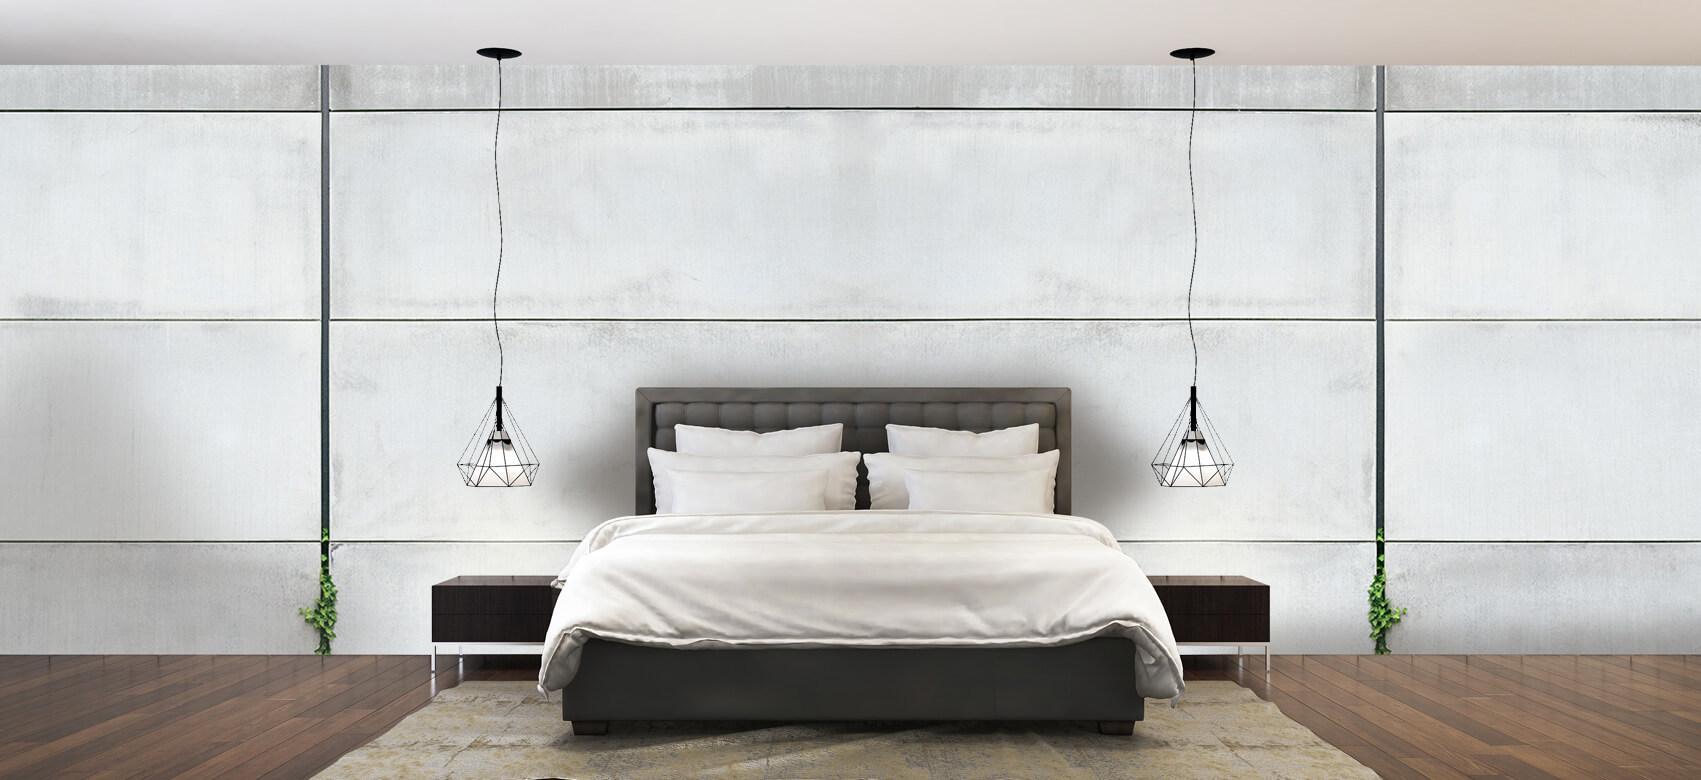 Betonlook behang - Panorama betonnen muur - Wallexclusive - Ontvangstruimte 2